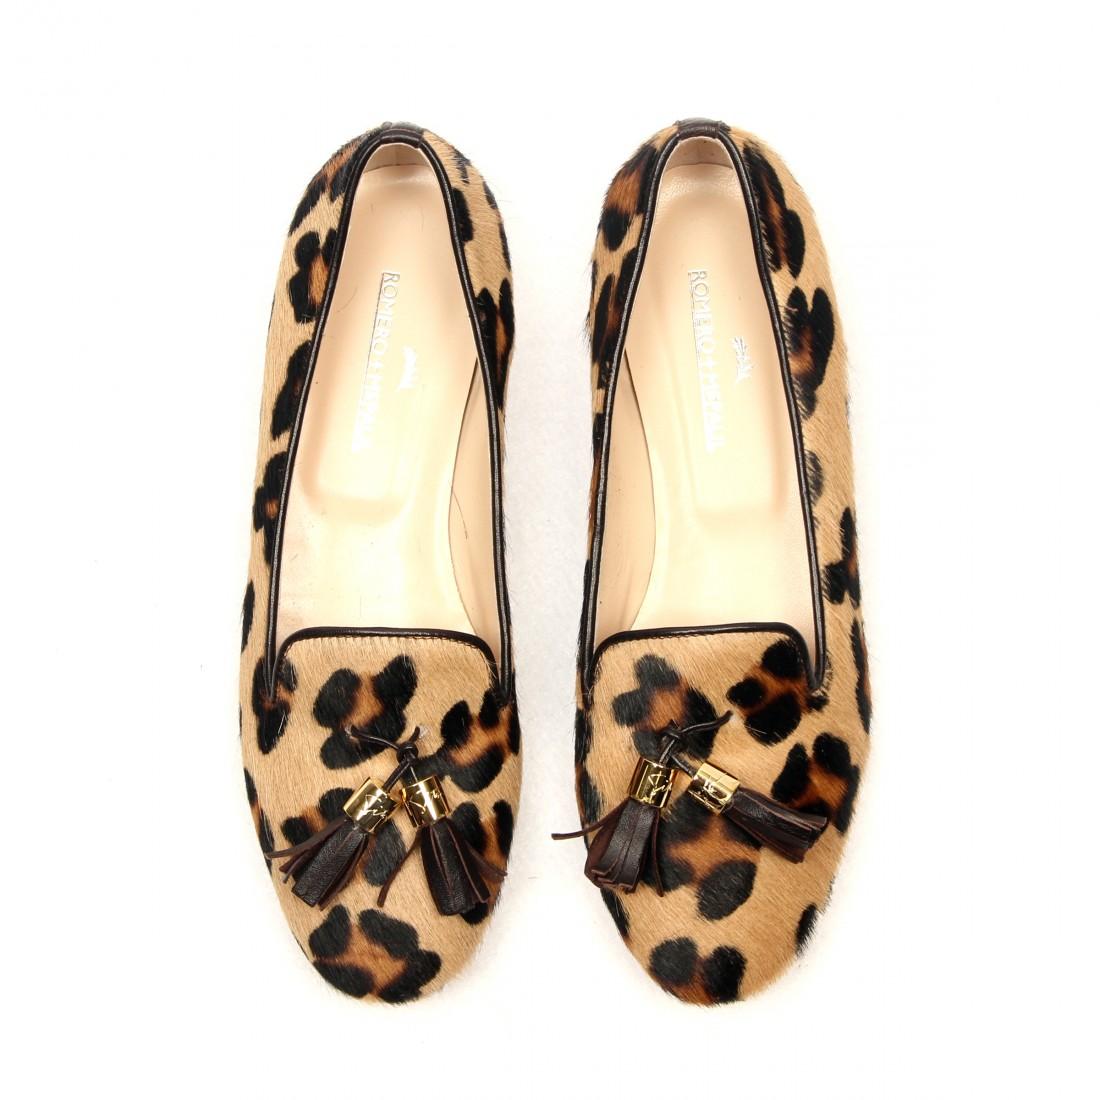 RomeroMcPaul Womens Slippers